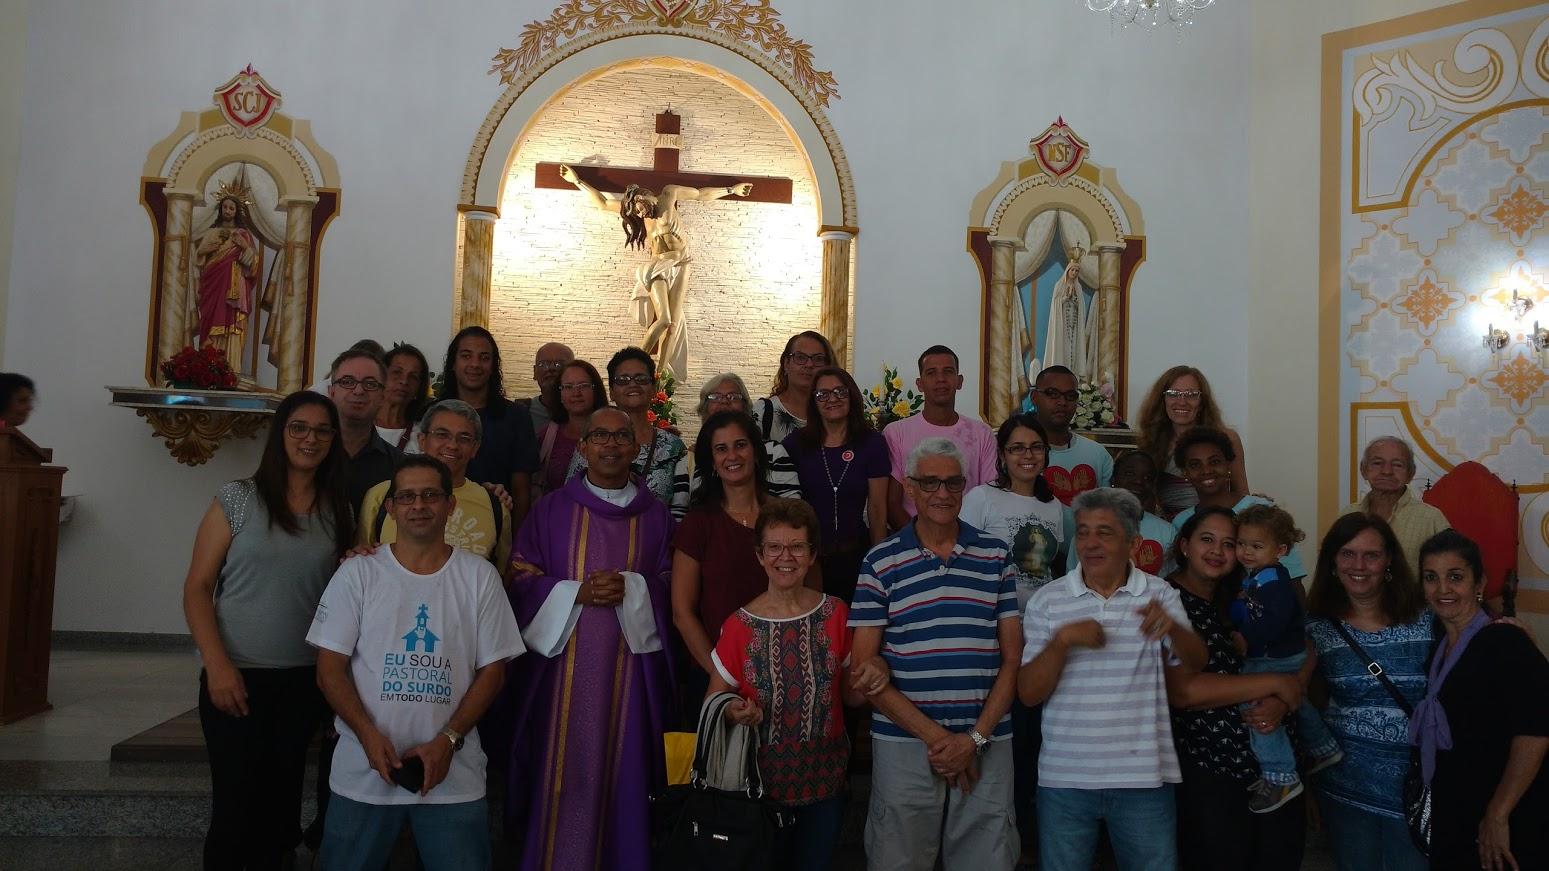 Paróquia Nossa Senhora de Fátima - Jacarepaguá. Missa das 10:15 h com o Padre Evandro José, vigário paroquial.